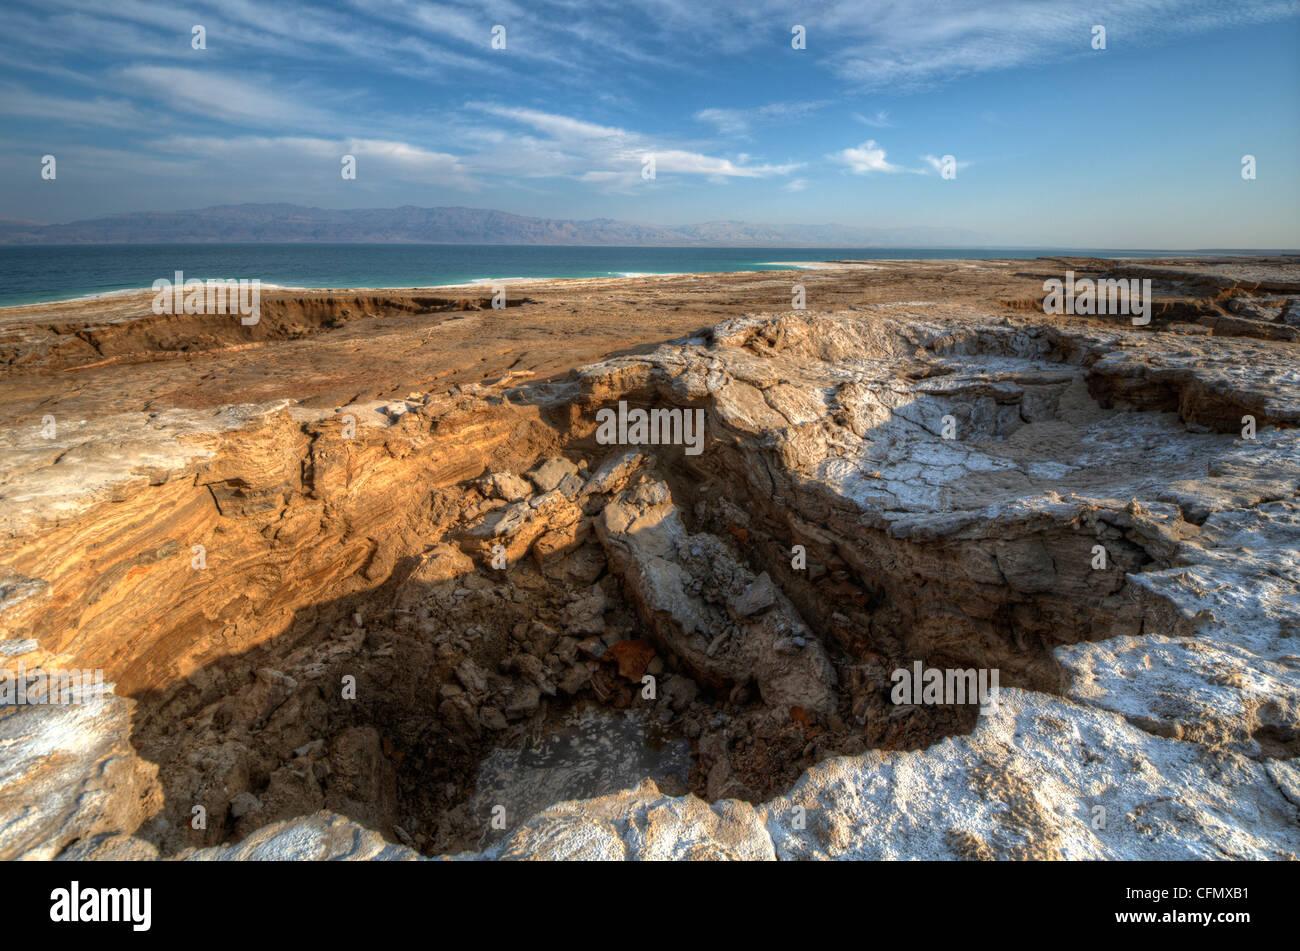 Sink holes near the Dead Sea in Ein Gedi, Israel. Stock Photo